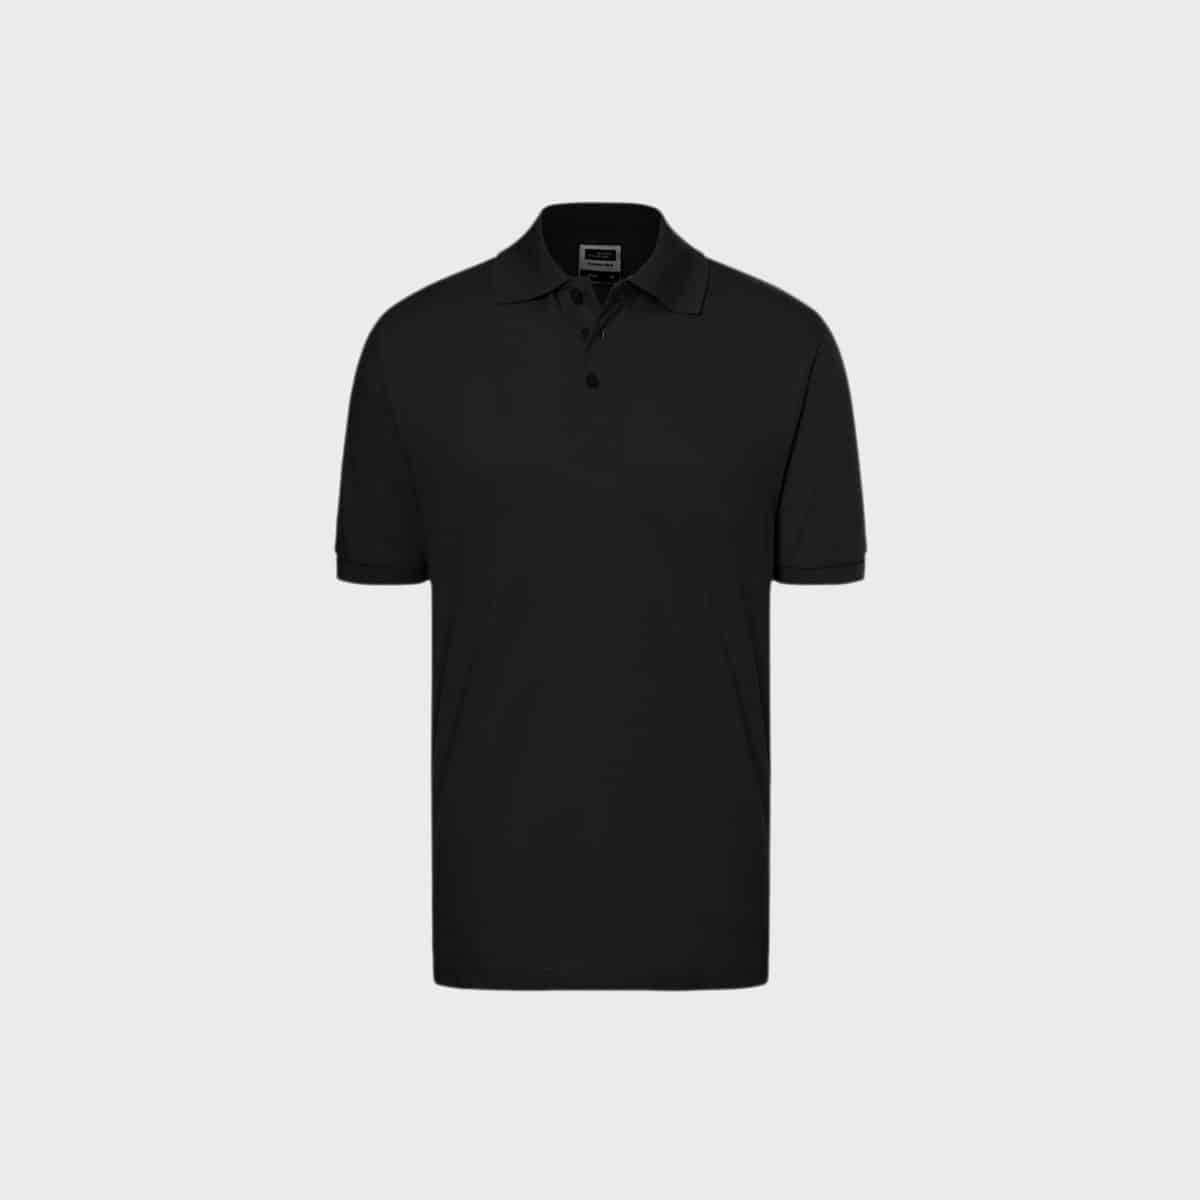 polo-shirt-herren-classic-kaufen-besticken_stickmanufaktur